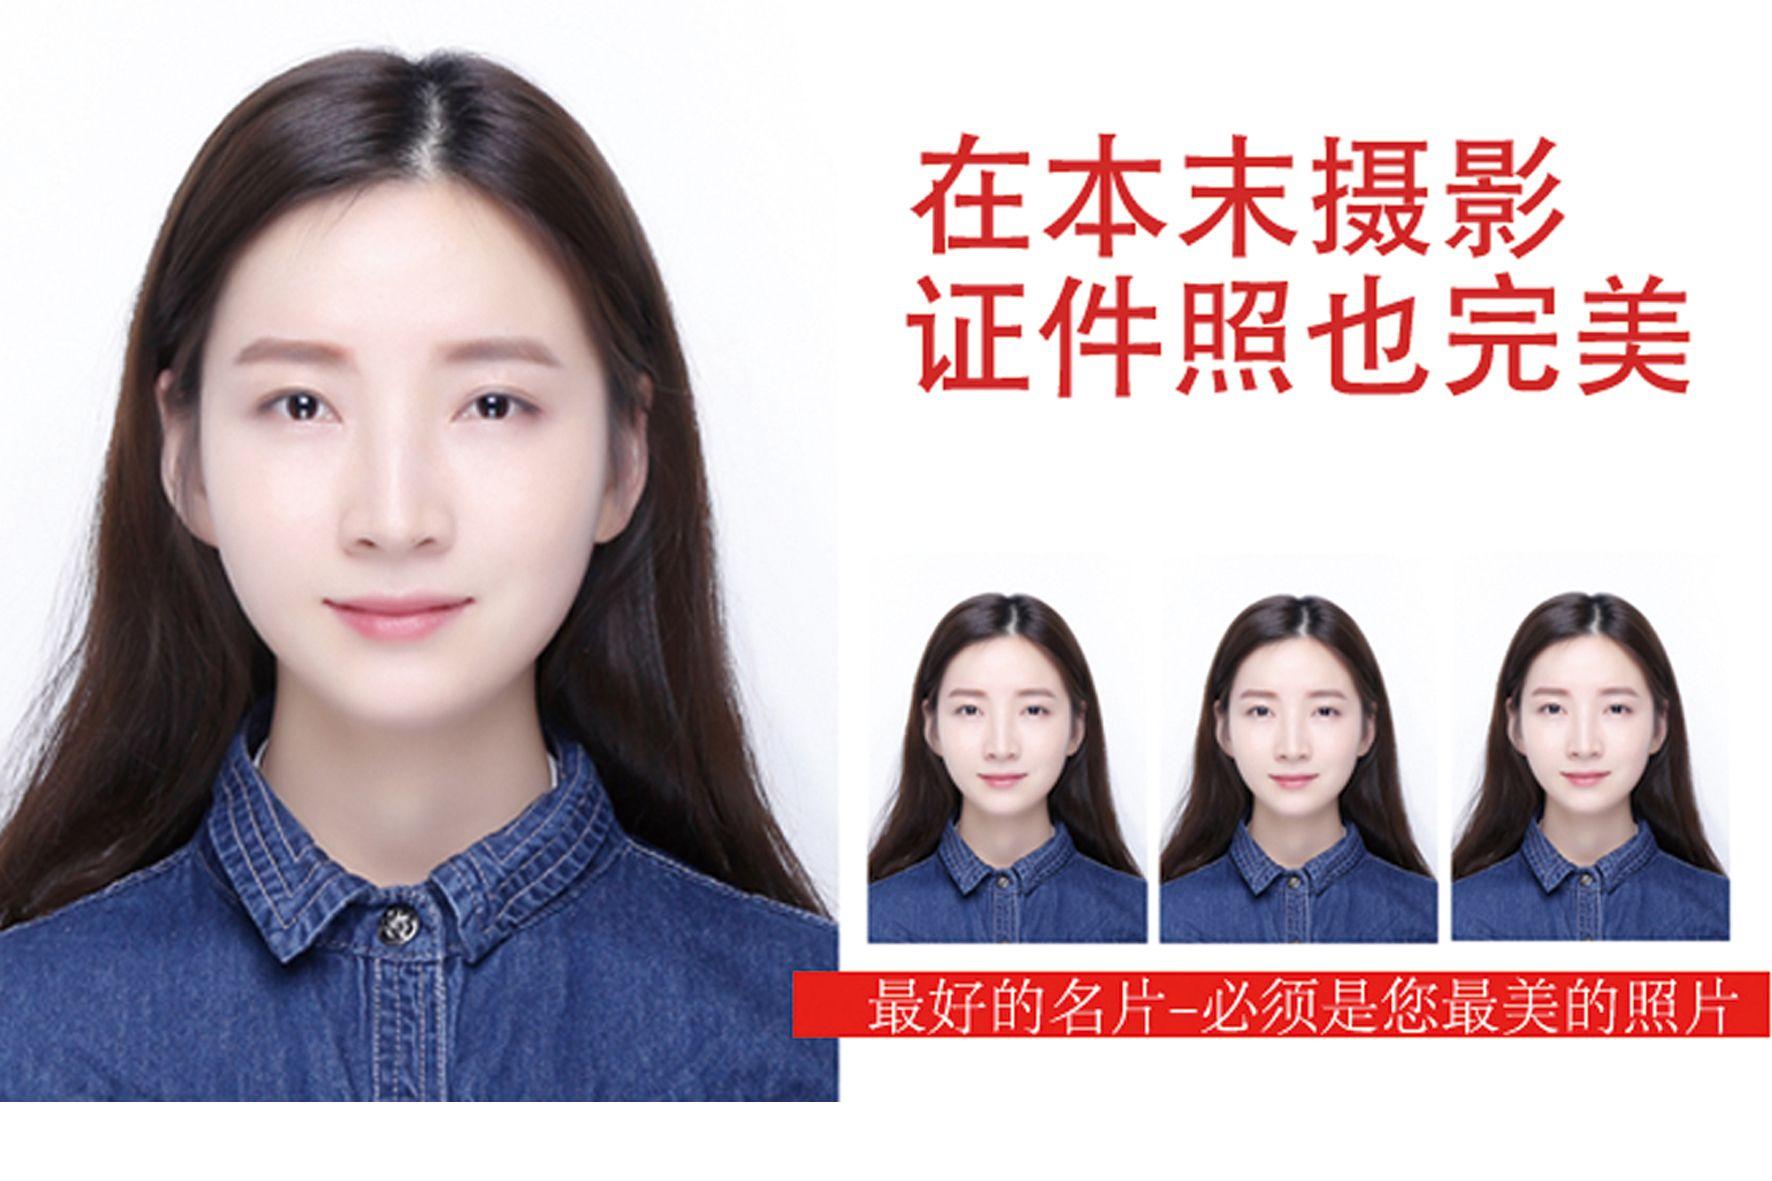 :长沙今日团购:【本末摄影】证件照套餐